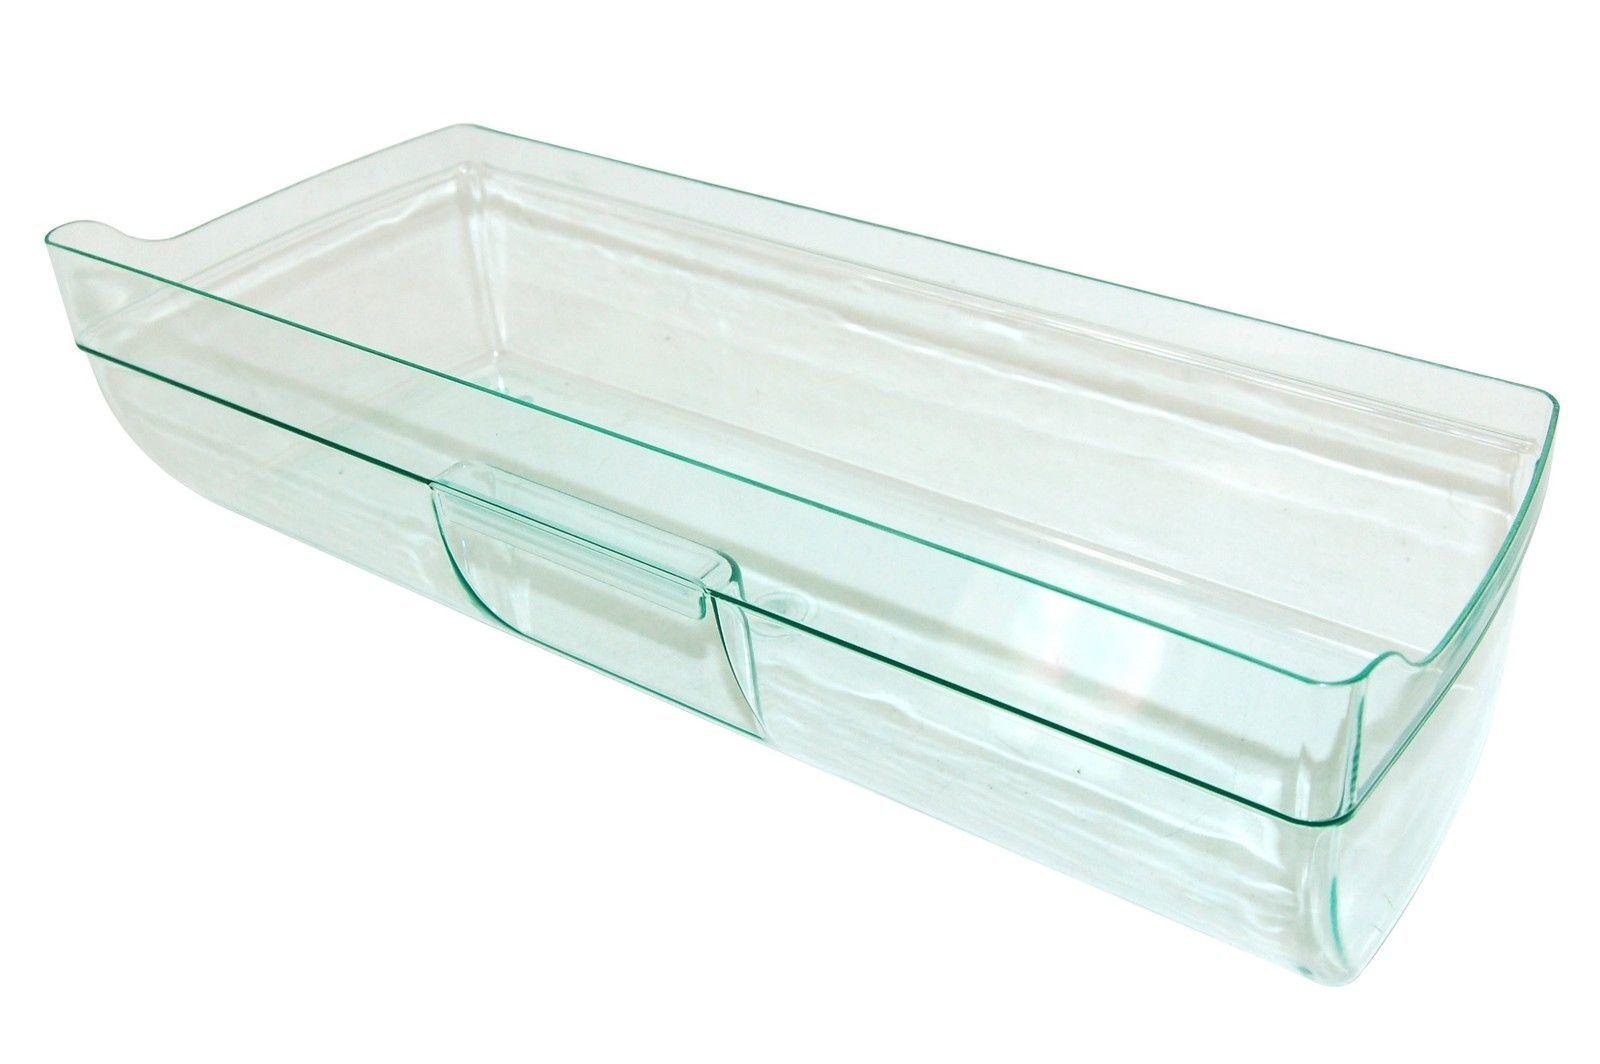 AEG Kühlschrank Gemüsebehälter gross links 2247068246 transparentblau